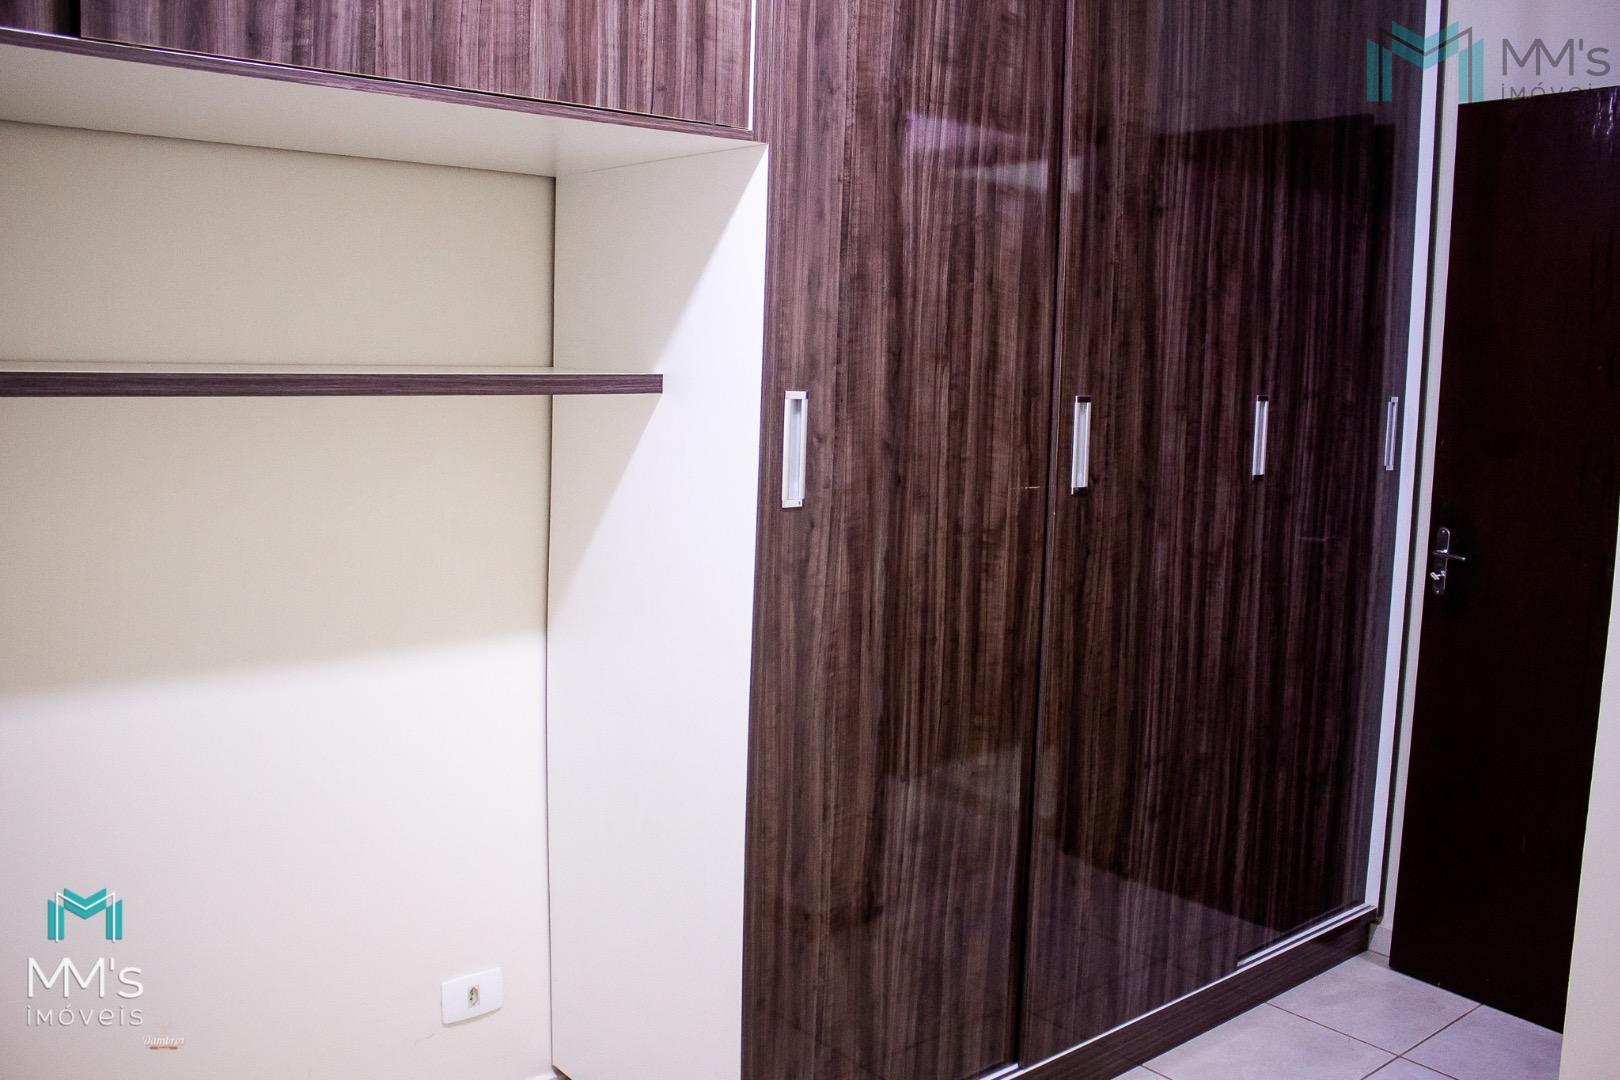 a mm´s apresenta mais uma excelente opçãode locação,apartamento semi-mobiliado no bairro alto alegre em cascavel pr.características...